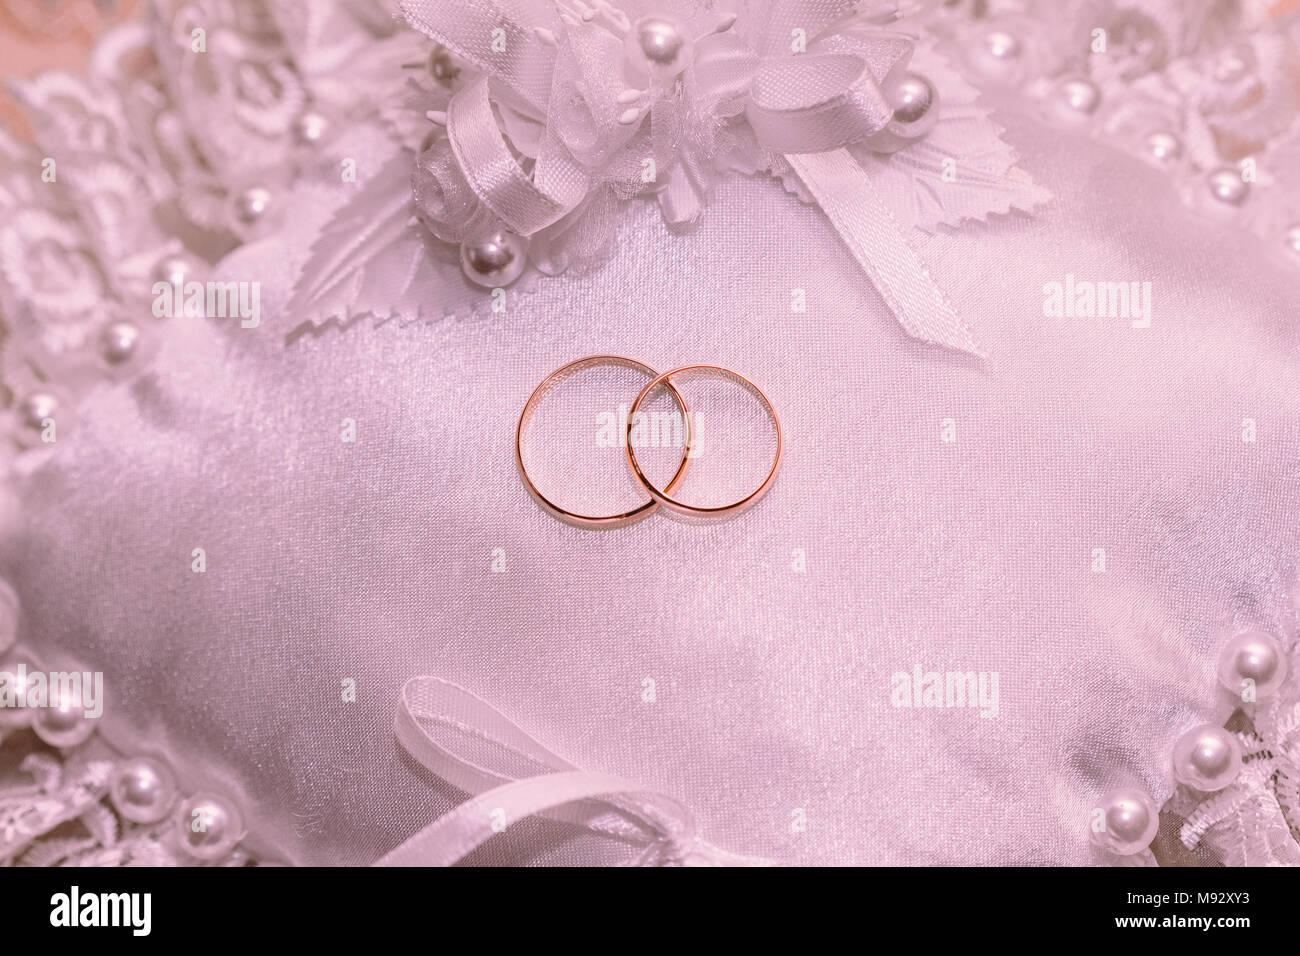 Pillow Wedding Ring Stock Photos & Pillow Wedding Ring Stock Images ...